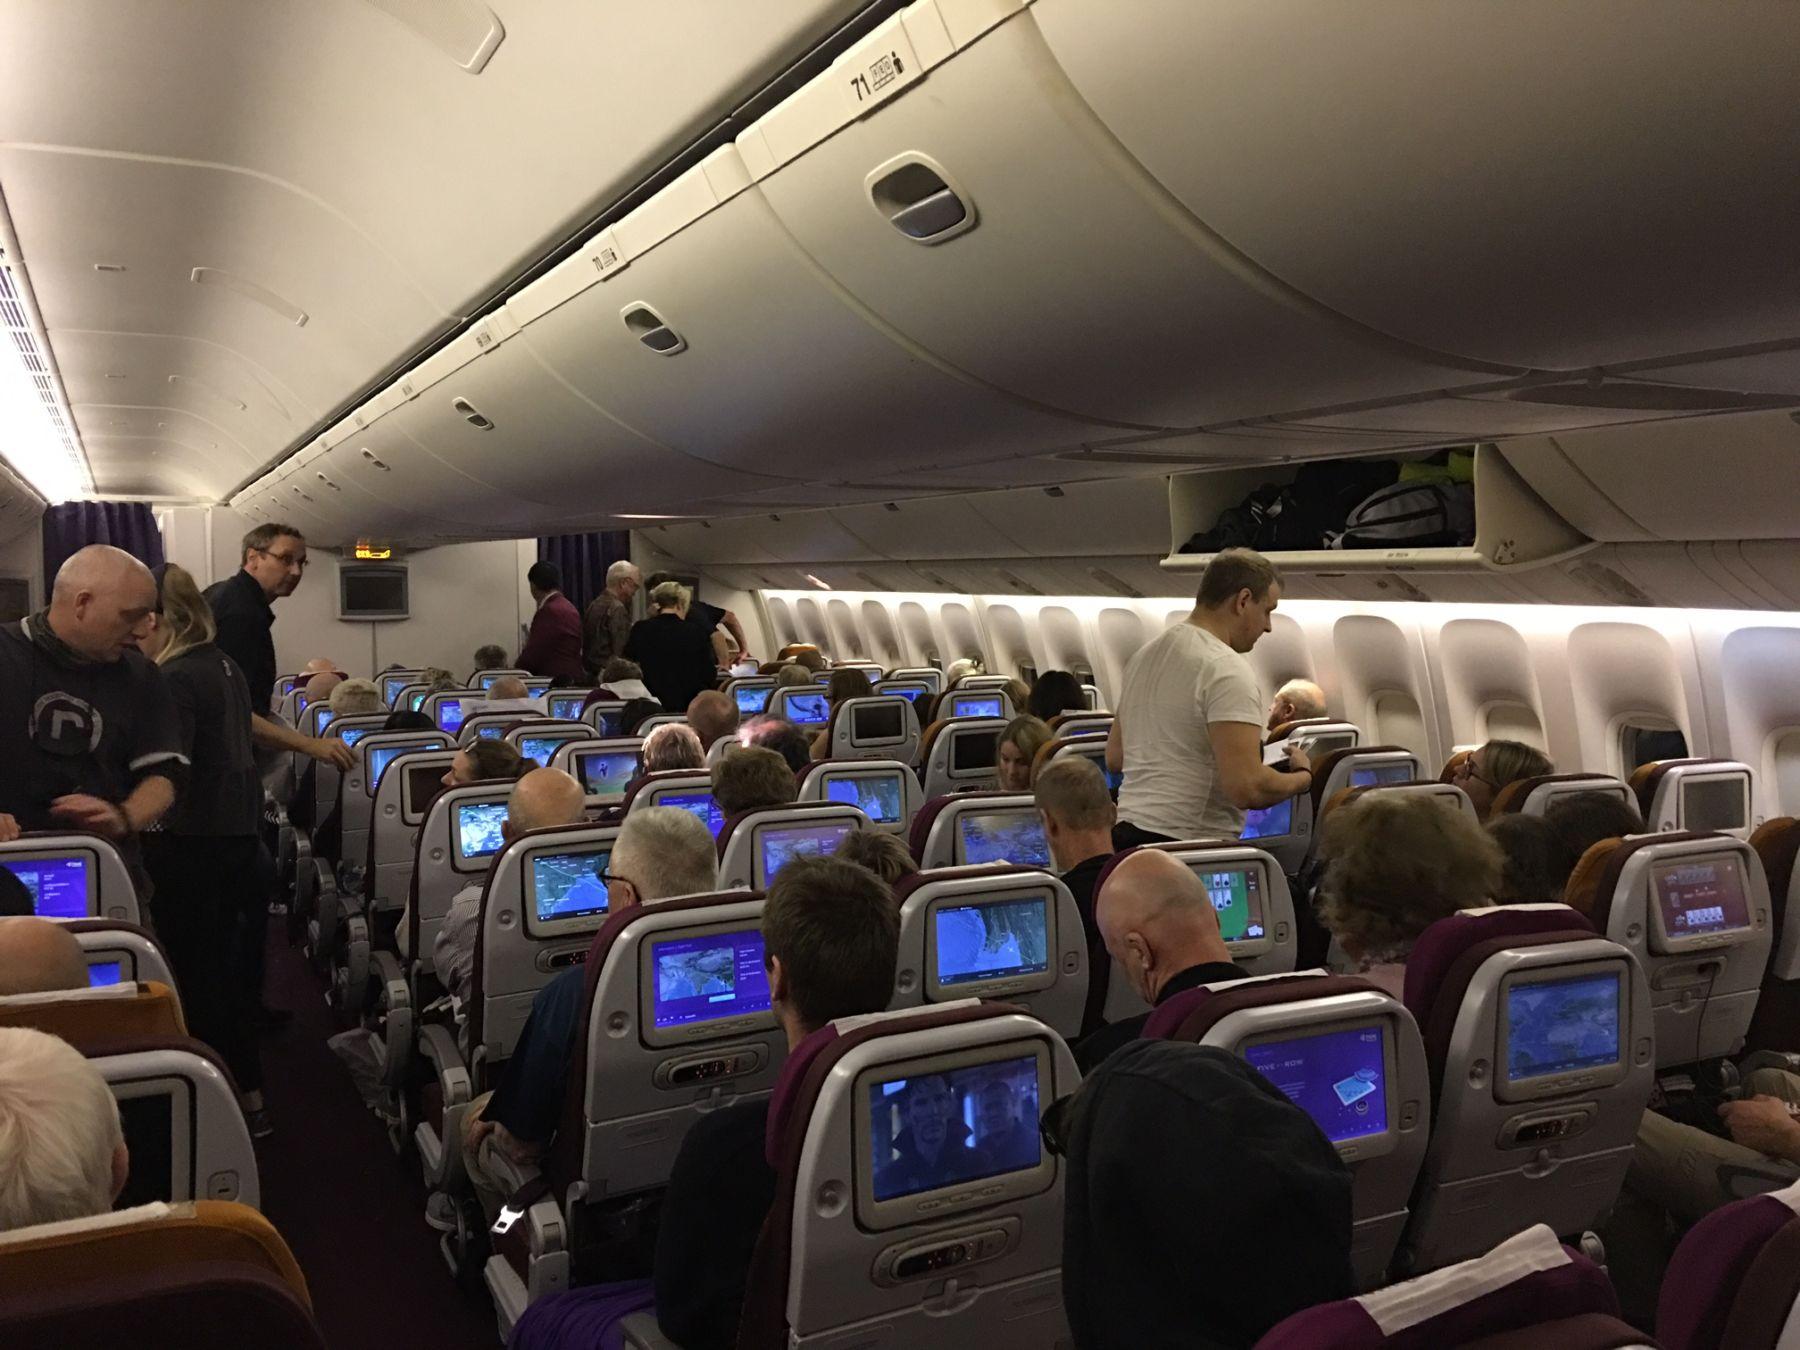 Anmeldelse: Thai Airways på Economy Class fra København til Bangkok - FinalCall.travel Danmark